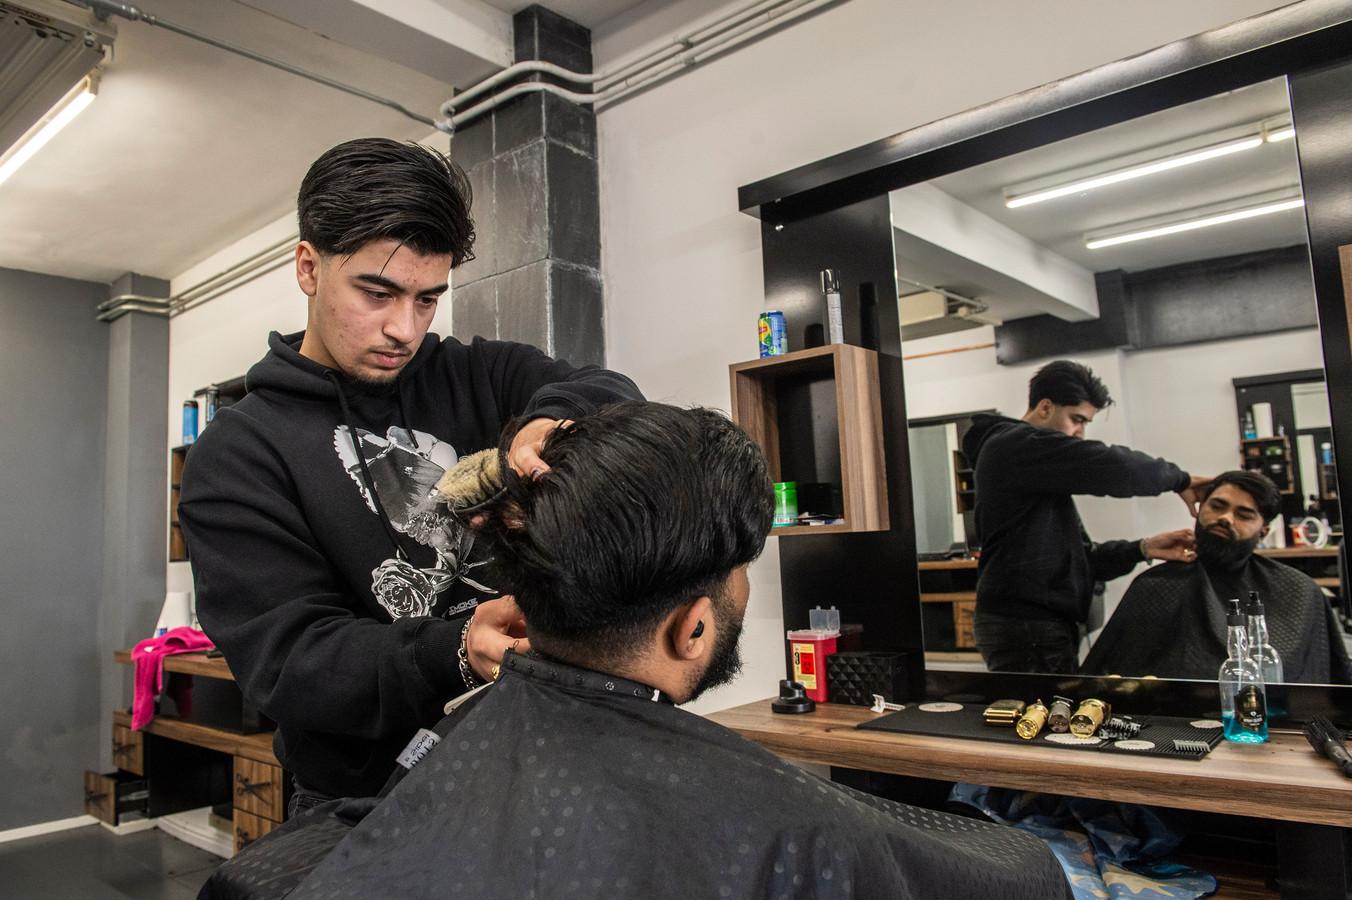 Sehraz Mohmand (17) werd een jaar geleden ernstig getroffen door corona. Hij is volledig hersteld en mag woensdag weer met zijn twee oudere broers aan de slag in hun Barbershop Aria in Breda.